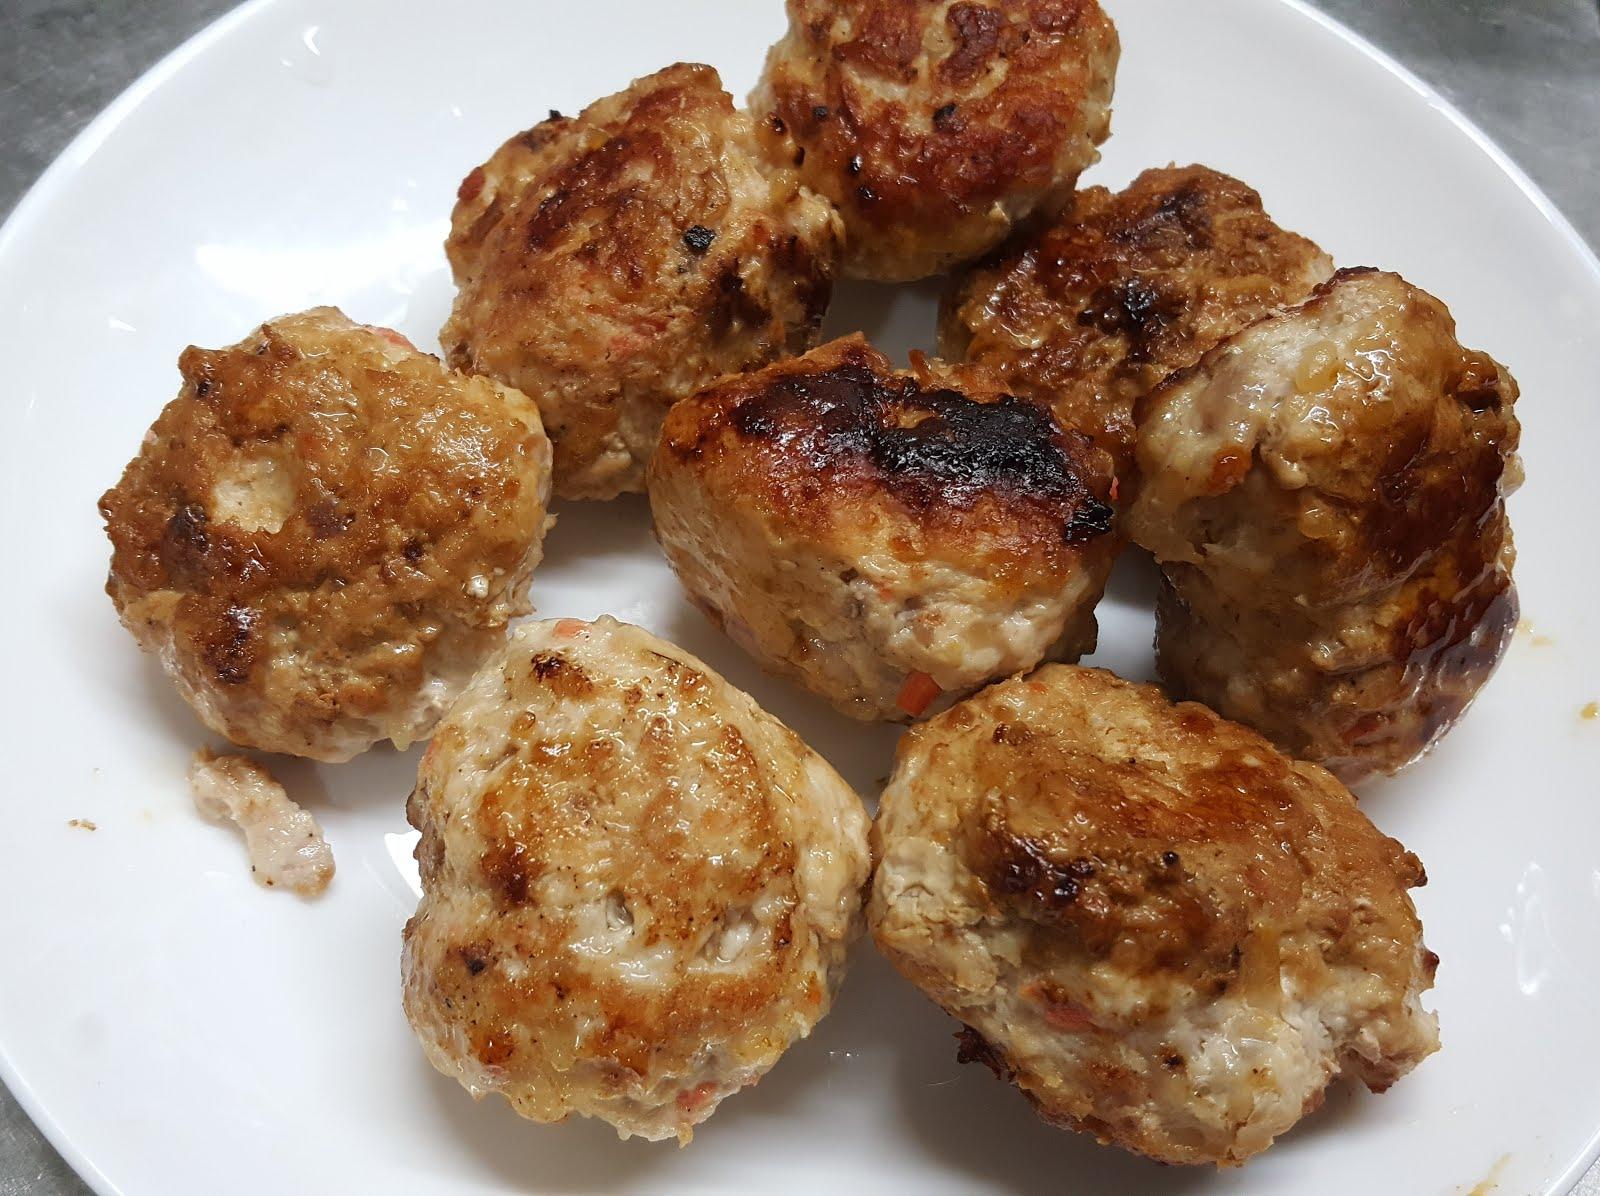 食譜日常 - 美味鹽麴雞肉丸   料理工程師的日常